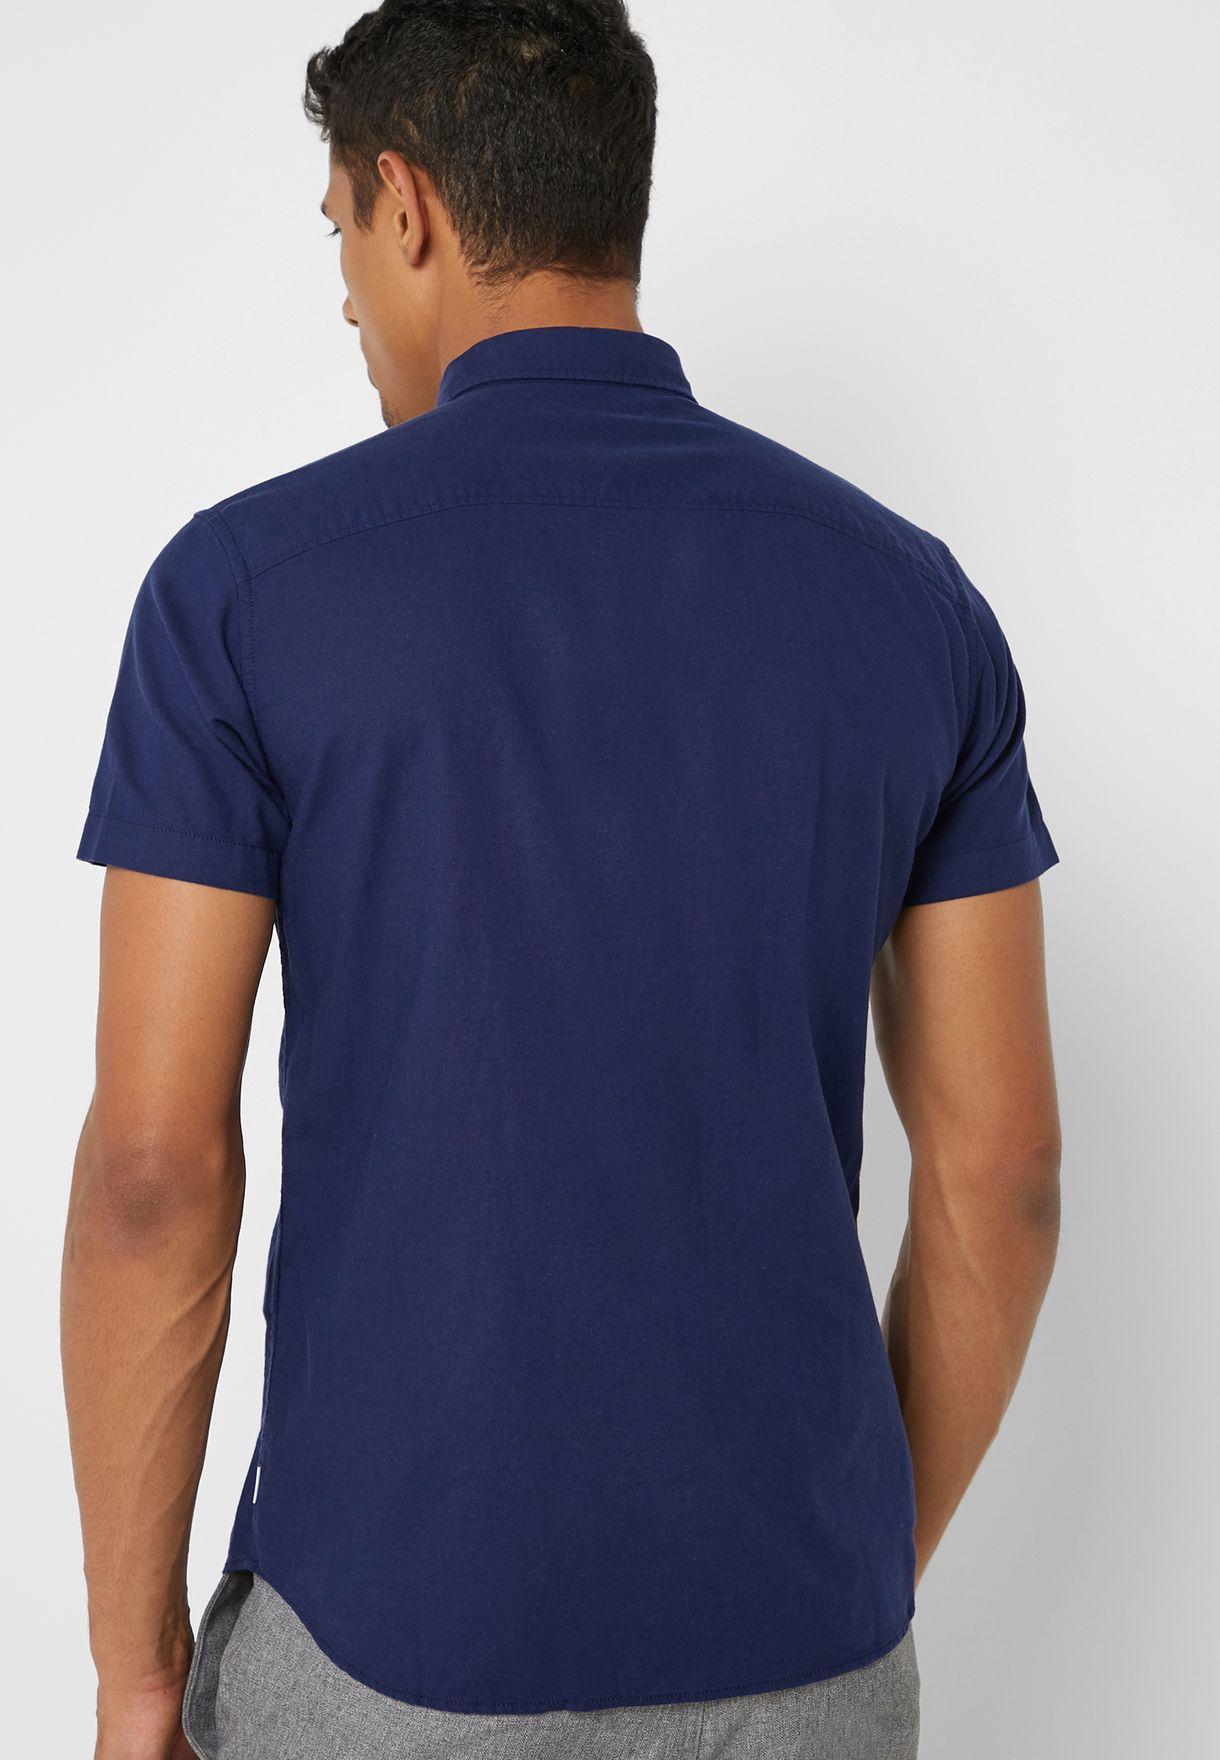 Essential Summer Shirt